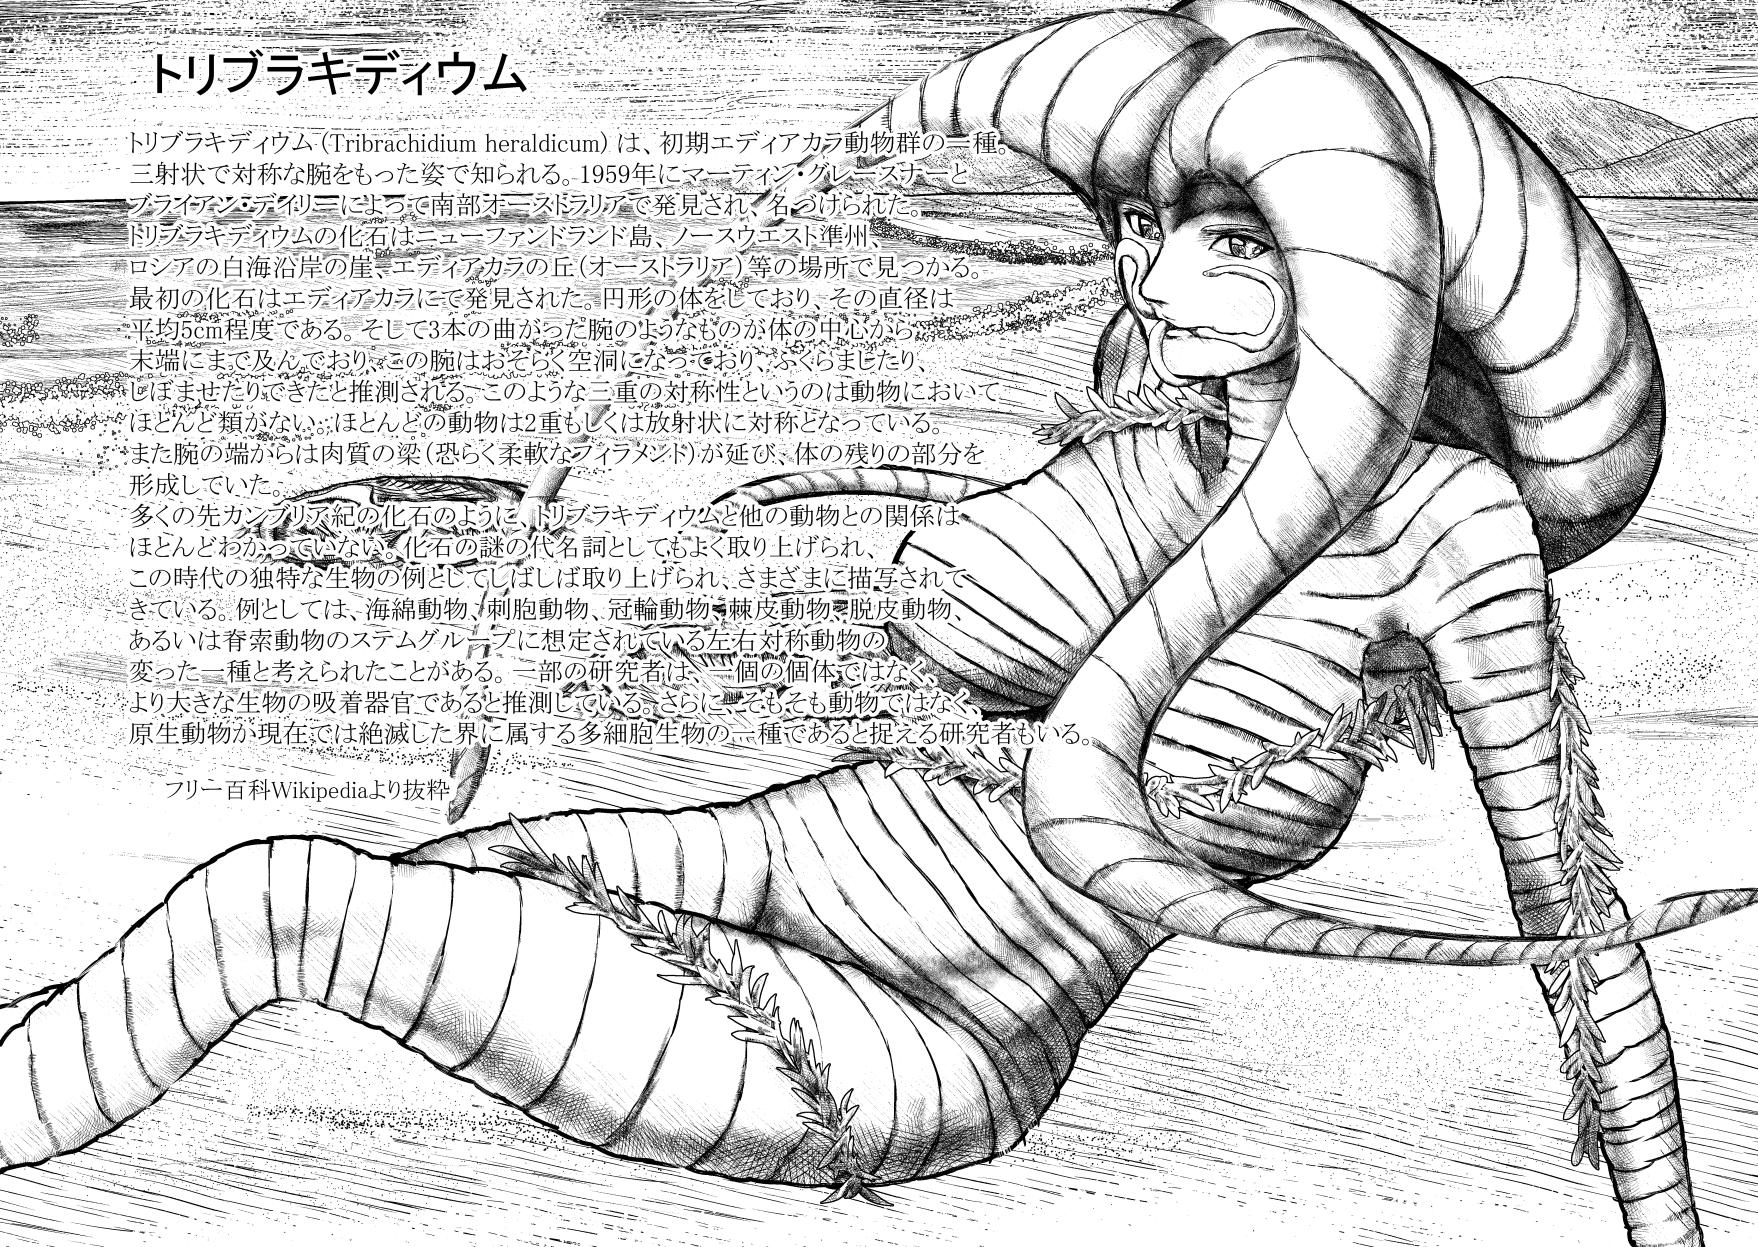 【蛇娘】モンスター娘・150匹目【魔物娘】 [無断転載禁止]©bbspink.comYouTube動画>2本 ->画像>254枚